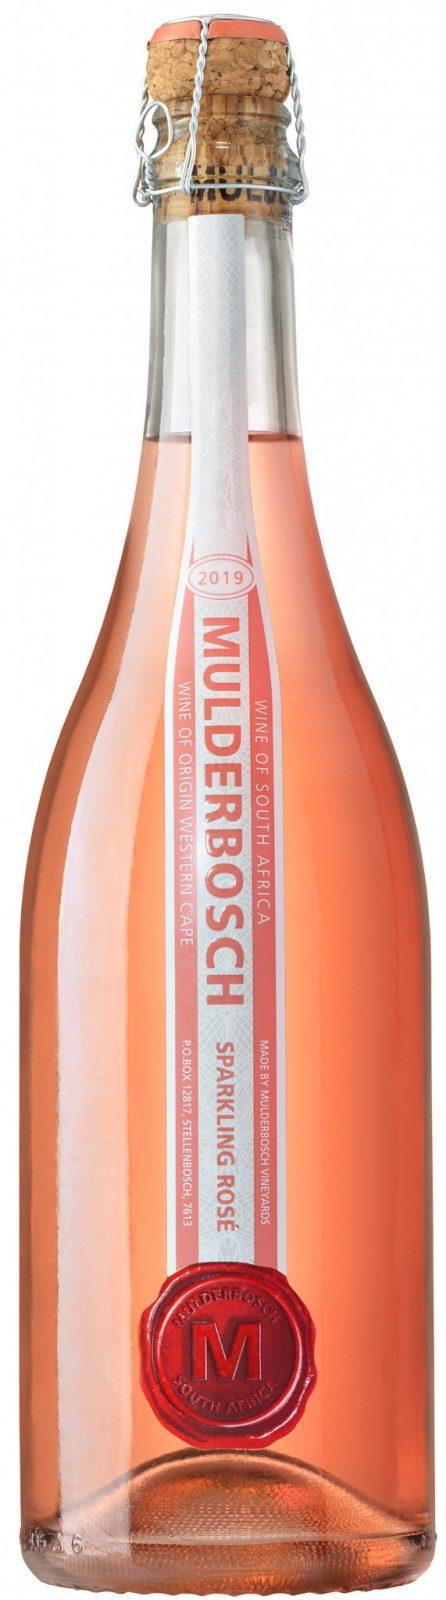 Mulderbosch Sparkling Brut_wineaffair